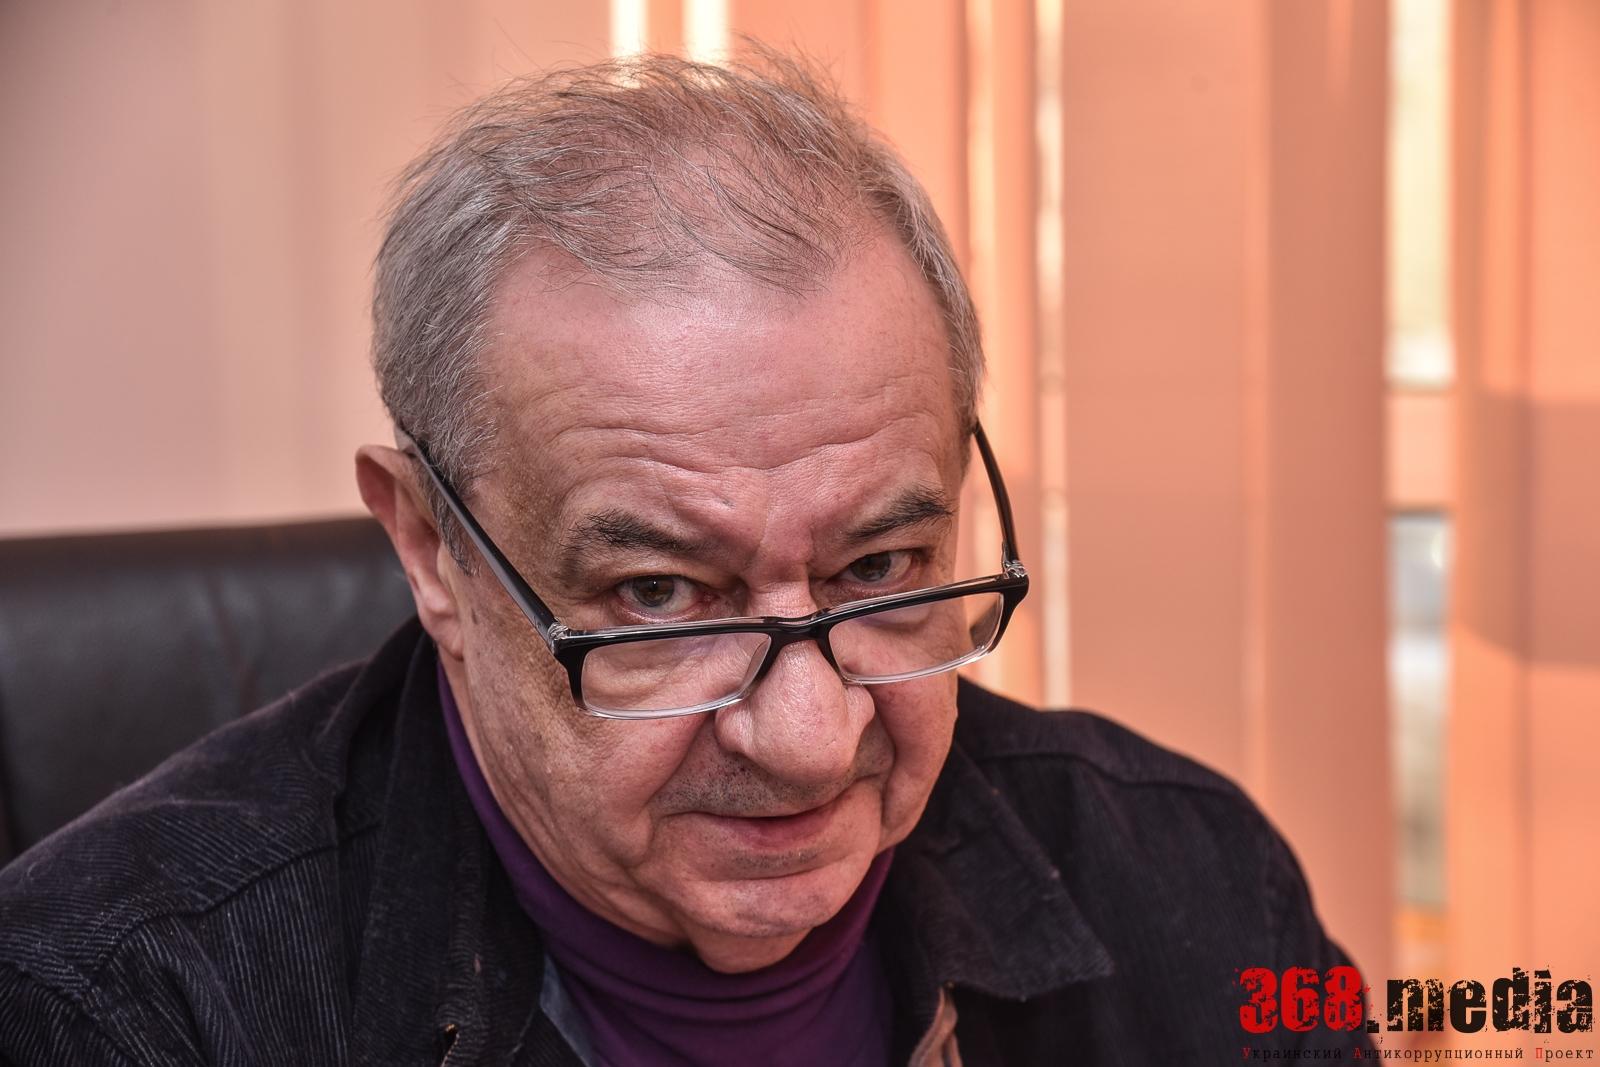 «Журналисты считают себя священниками, перед которыми нужно бесконечно исповедоваться» – продюсер Игорь Покровский